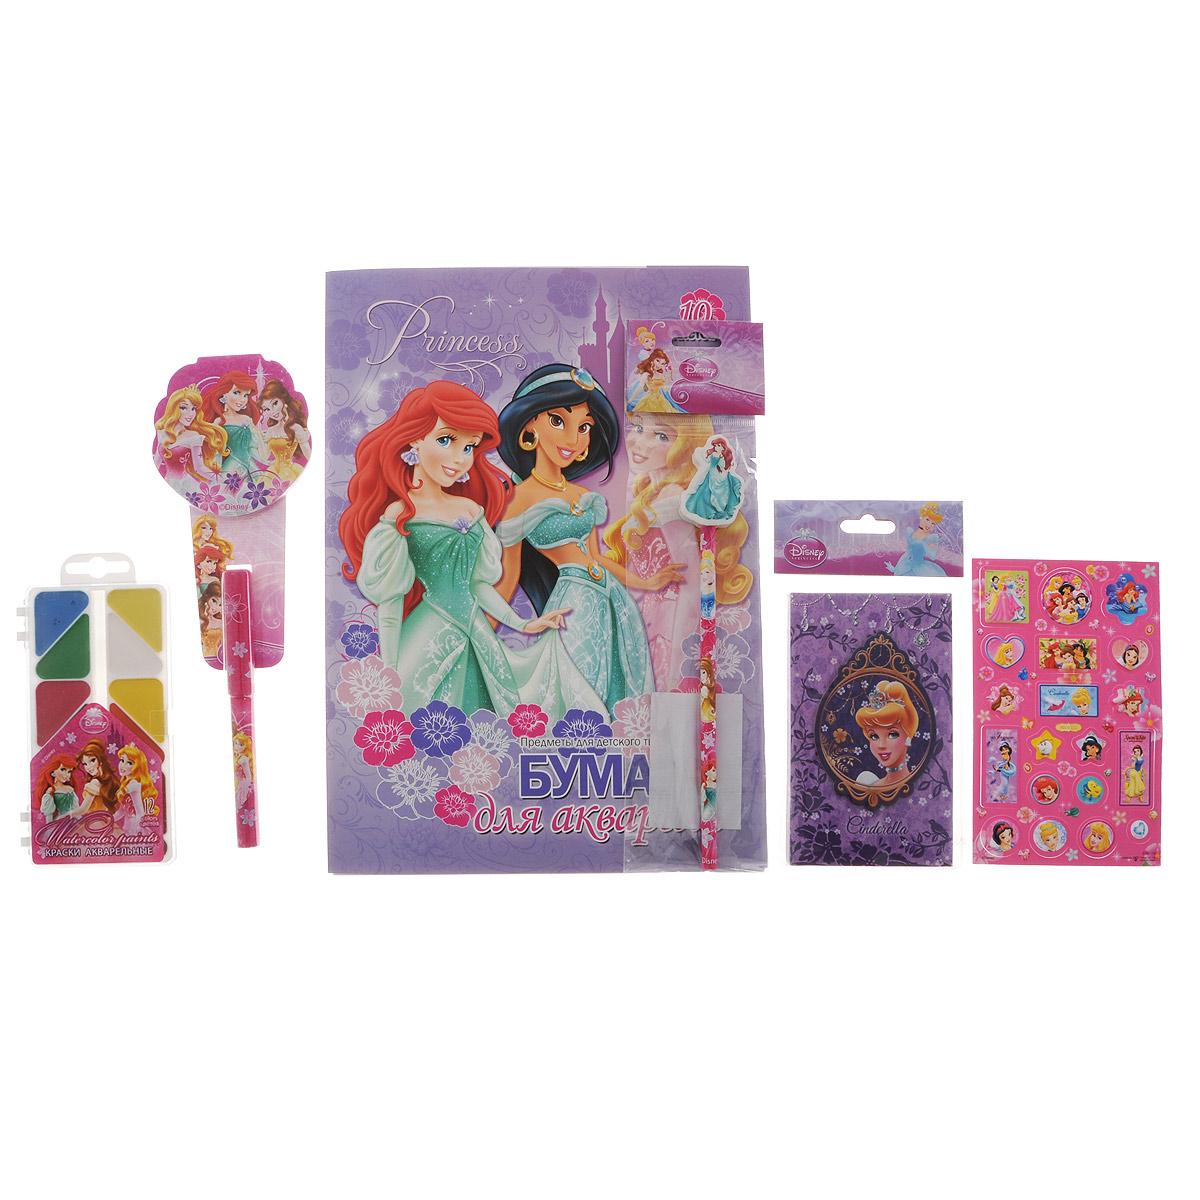 Подарочный канцелярский набор Disney Princess. PRСZ-US1-AZ15-BOX2PRСZ-US1-AZ15-BOX2Канцелярский набор Disney Princess станет незаменимым атрибутом в учебе любой школьницы.Он включает в себя 10 листов бумаги для акварели, чернографитный карандаш с ластиком, телефонную книжку, лист с объемными стикерами, акварельные краски в футляре (12 цветов), небольшой блокнотик и ручку.Все предметы набора оформлены изображениями диснеевских принцесс. Упакован набор в картонную подарочную упаковку. УВАЖАЕМЫЕ КЛИЕНТЫ! Обращаем ваше внимание на возможные изменения в дизайне предметов набора, связанные с ассортиментом продукции. Поставка осуществляется в зависимости от наличия на складе.